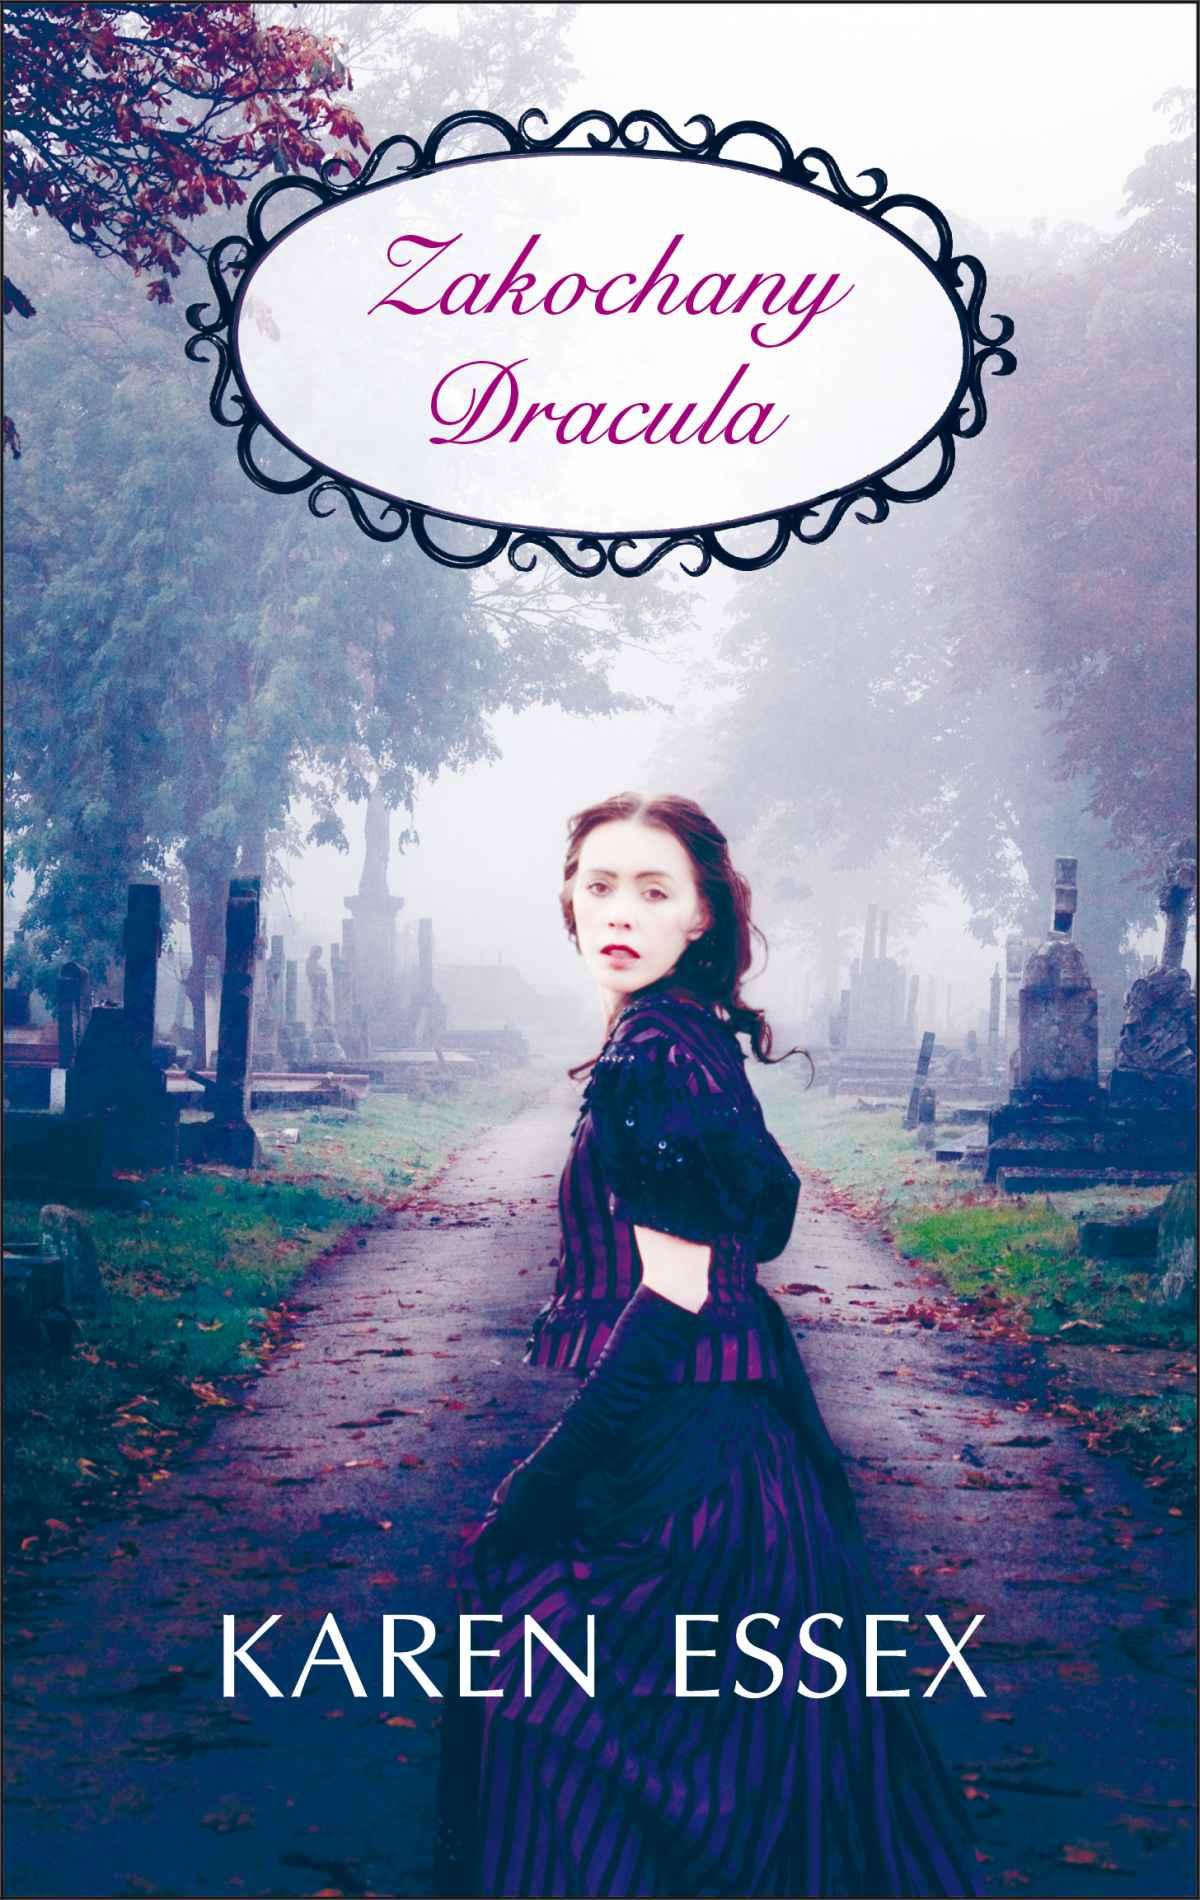 Zakochany dracula - Ebook (Książka EPUB) do pobrania w formacie EPUB